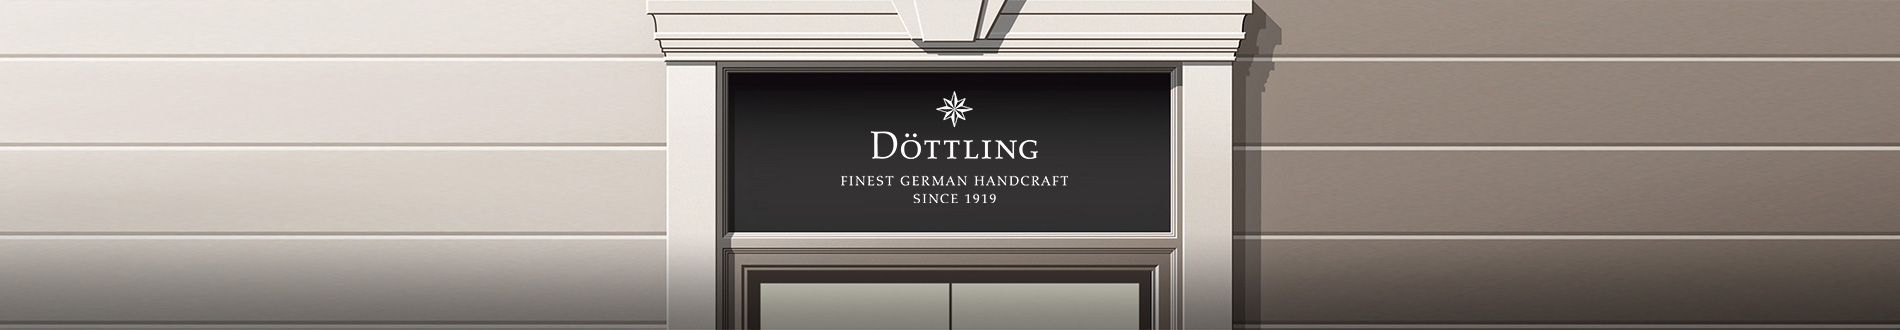 Dottling